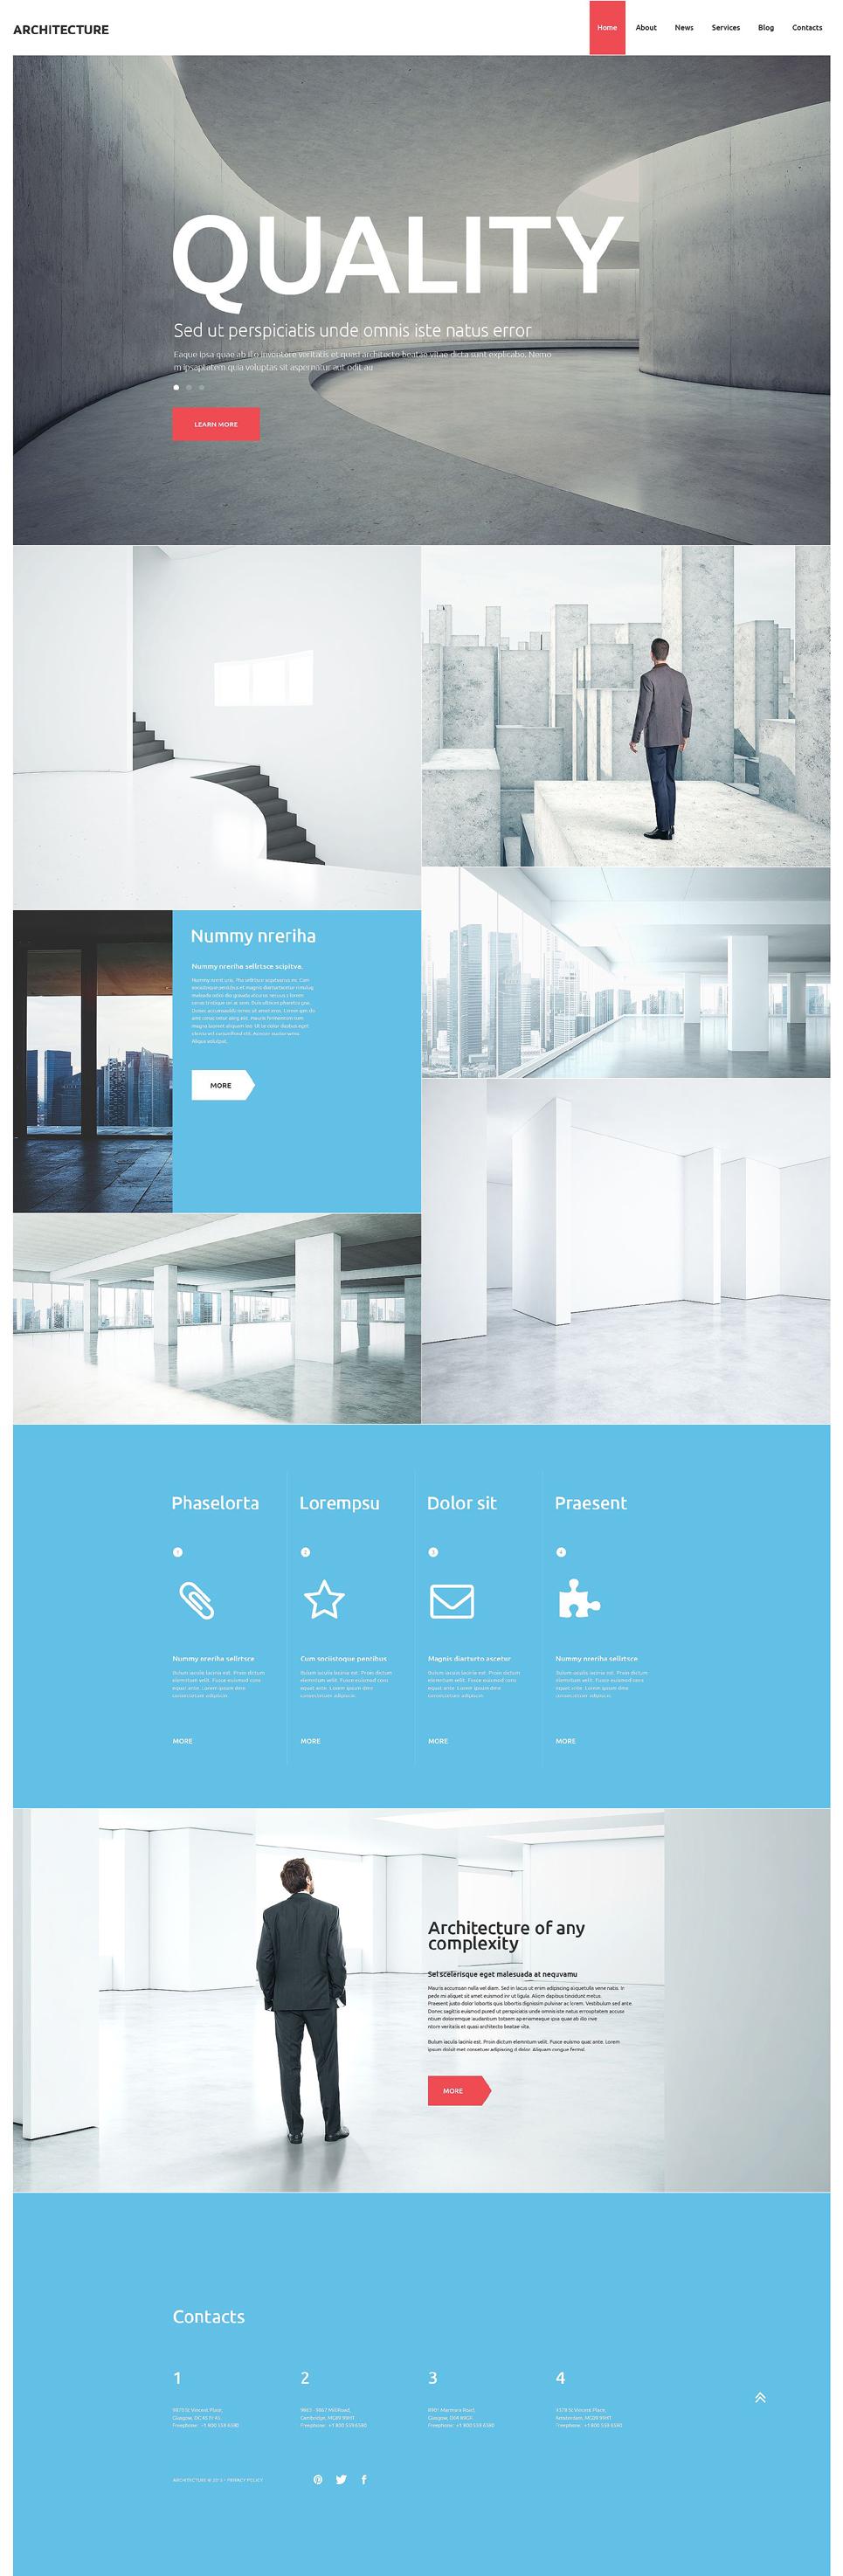 Адаптивный шаблон сайта на тему архитектура #53372